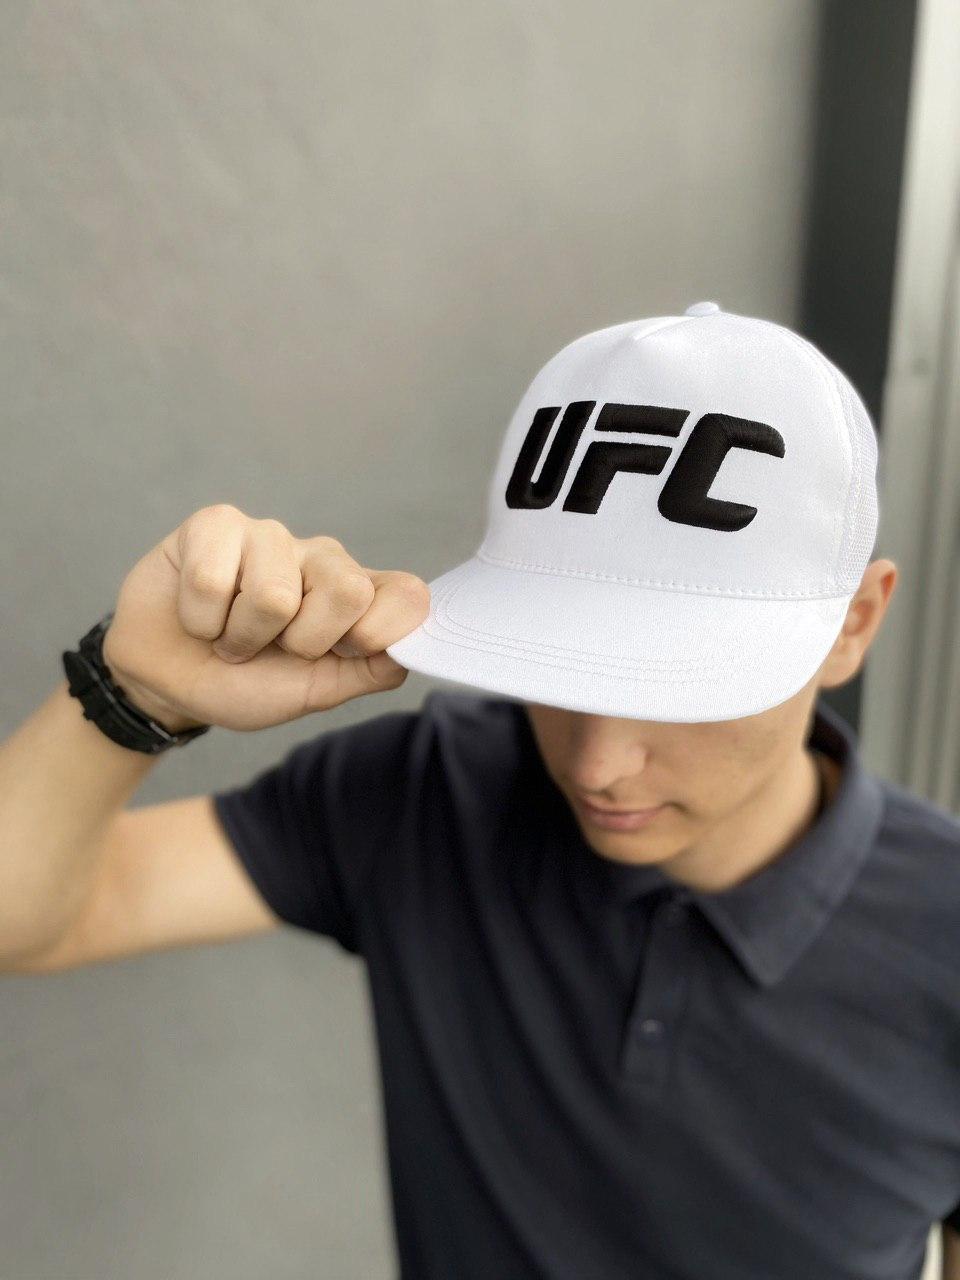 Кепка UFC Reebok мужская | женская рибок белая big black logo